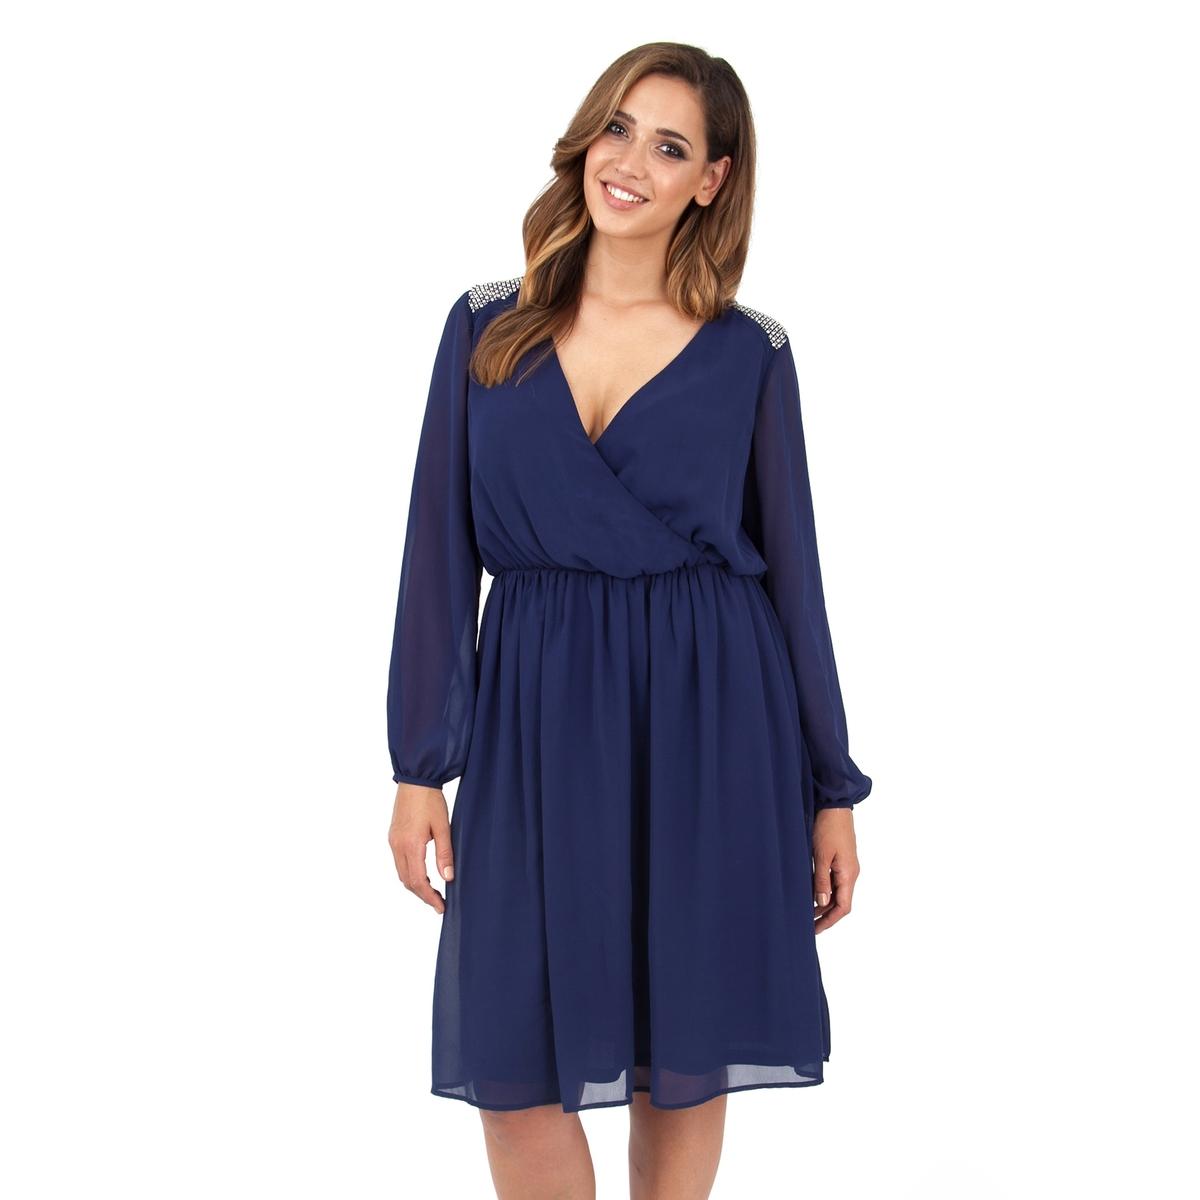 ПлатьеПлатье с длинными рукавами - LOVEDROBE. Область плеча расшита бисером. Красивый вырез декольте. Длина ок.104 см. 100% полиэстера.<br><br>Цвет: синий морской<br>Размер: 50/52 (FR) - 56/58 (RUS).54/56 (FR) - 60/62 (RUS)